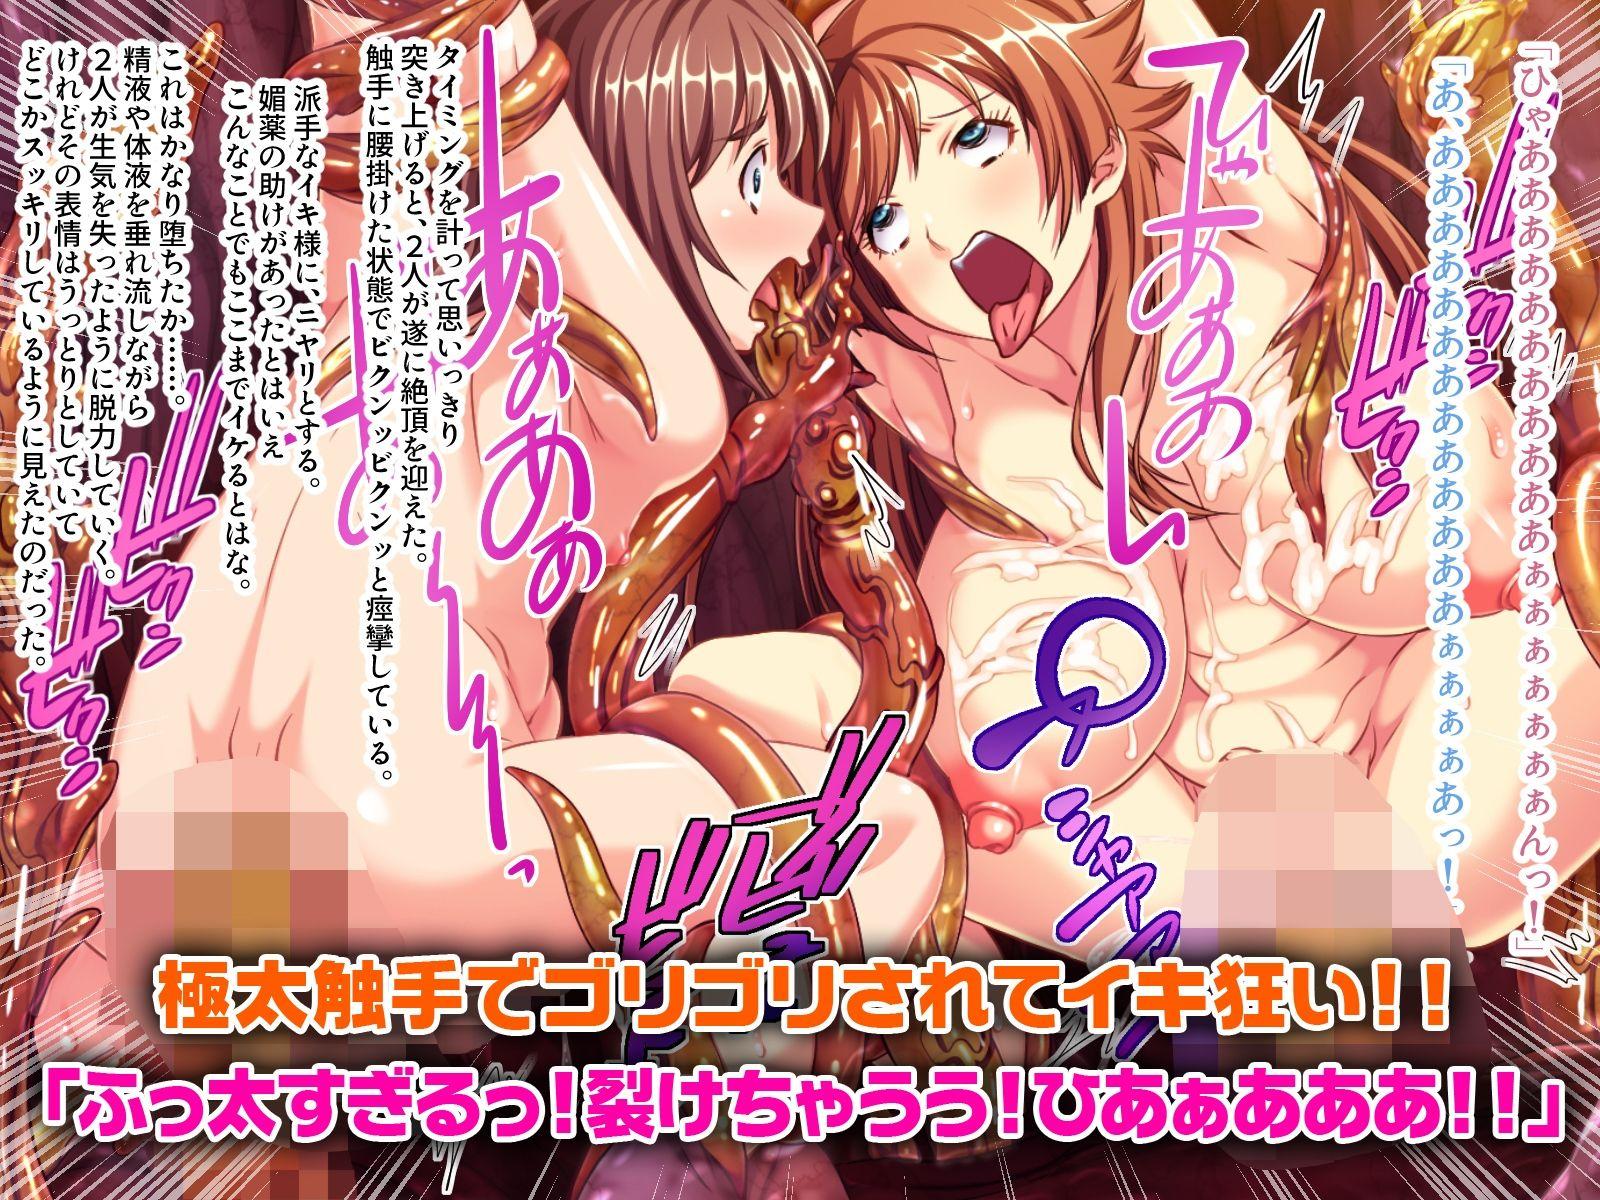 期間限定!CG集3作品セット 〜触手祭り開催でござる!!〜